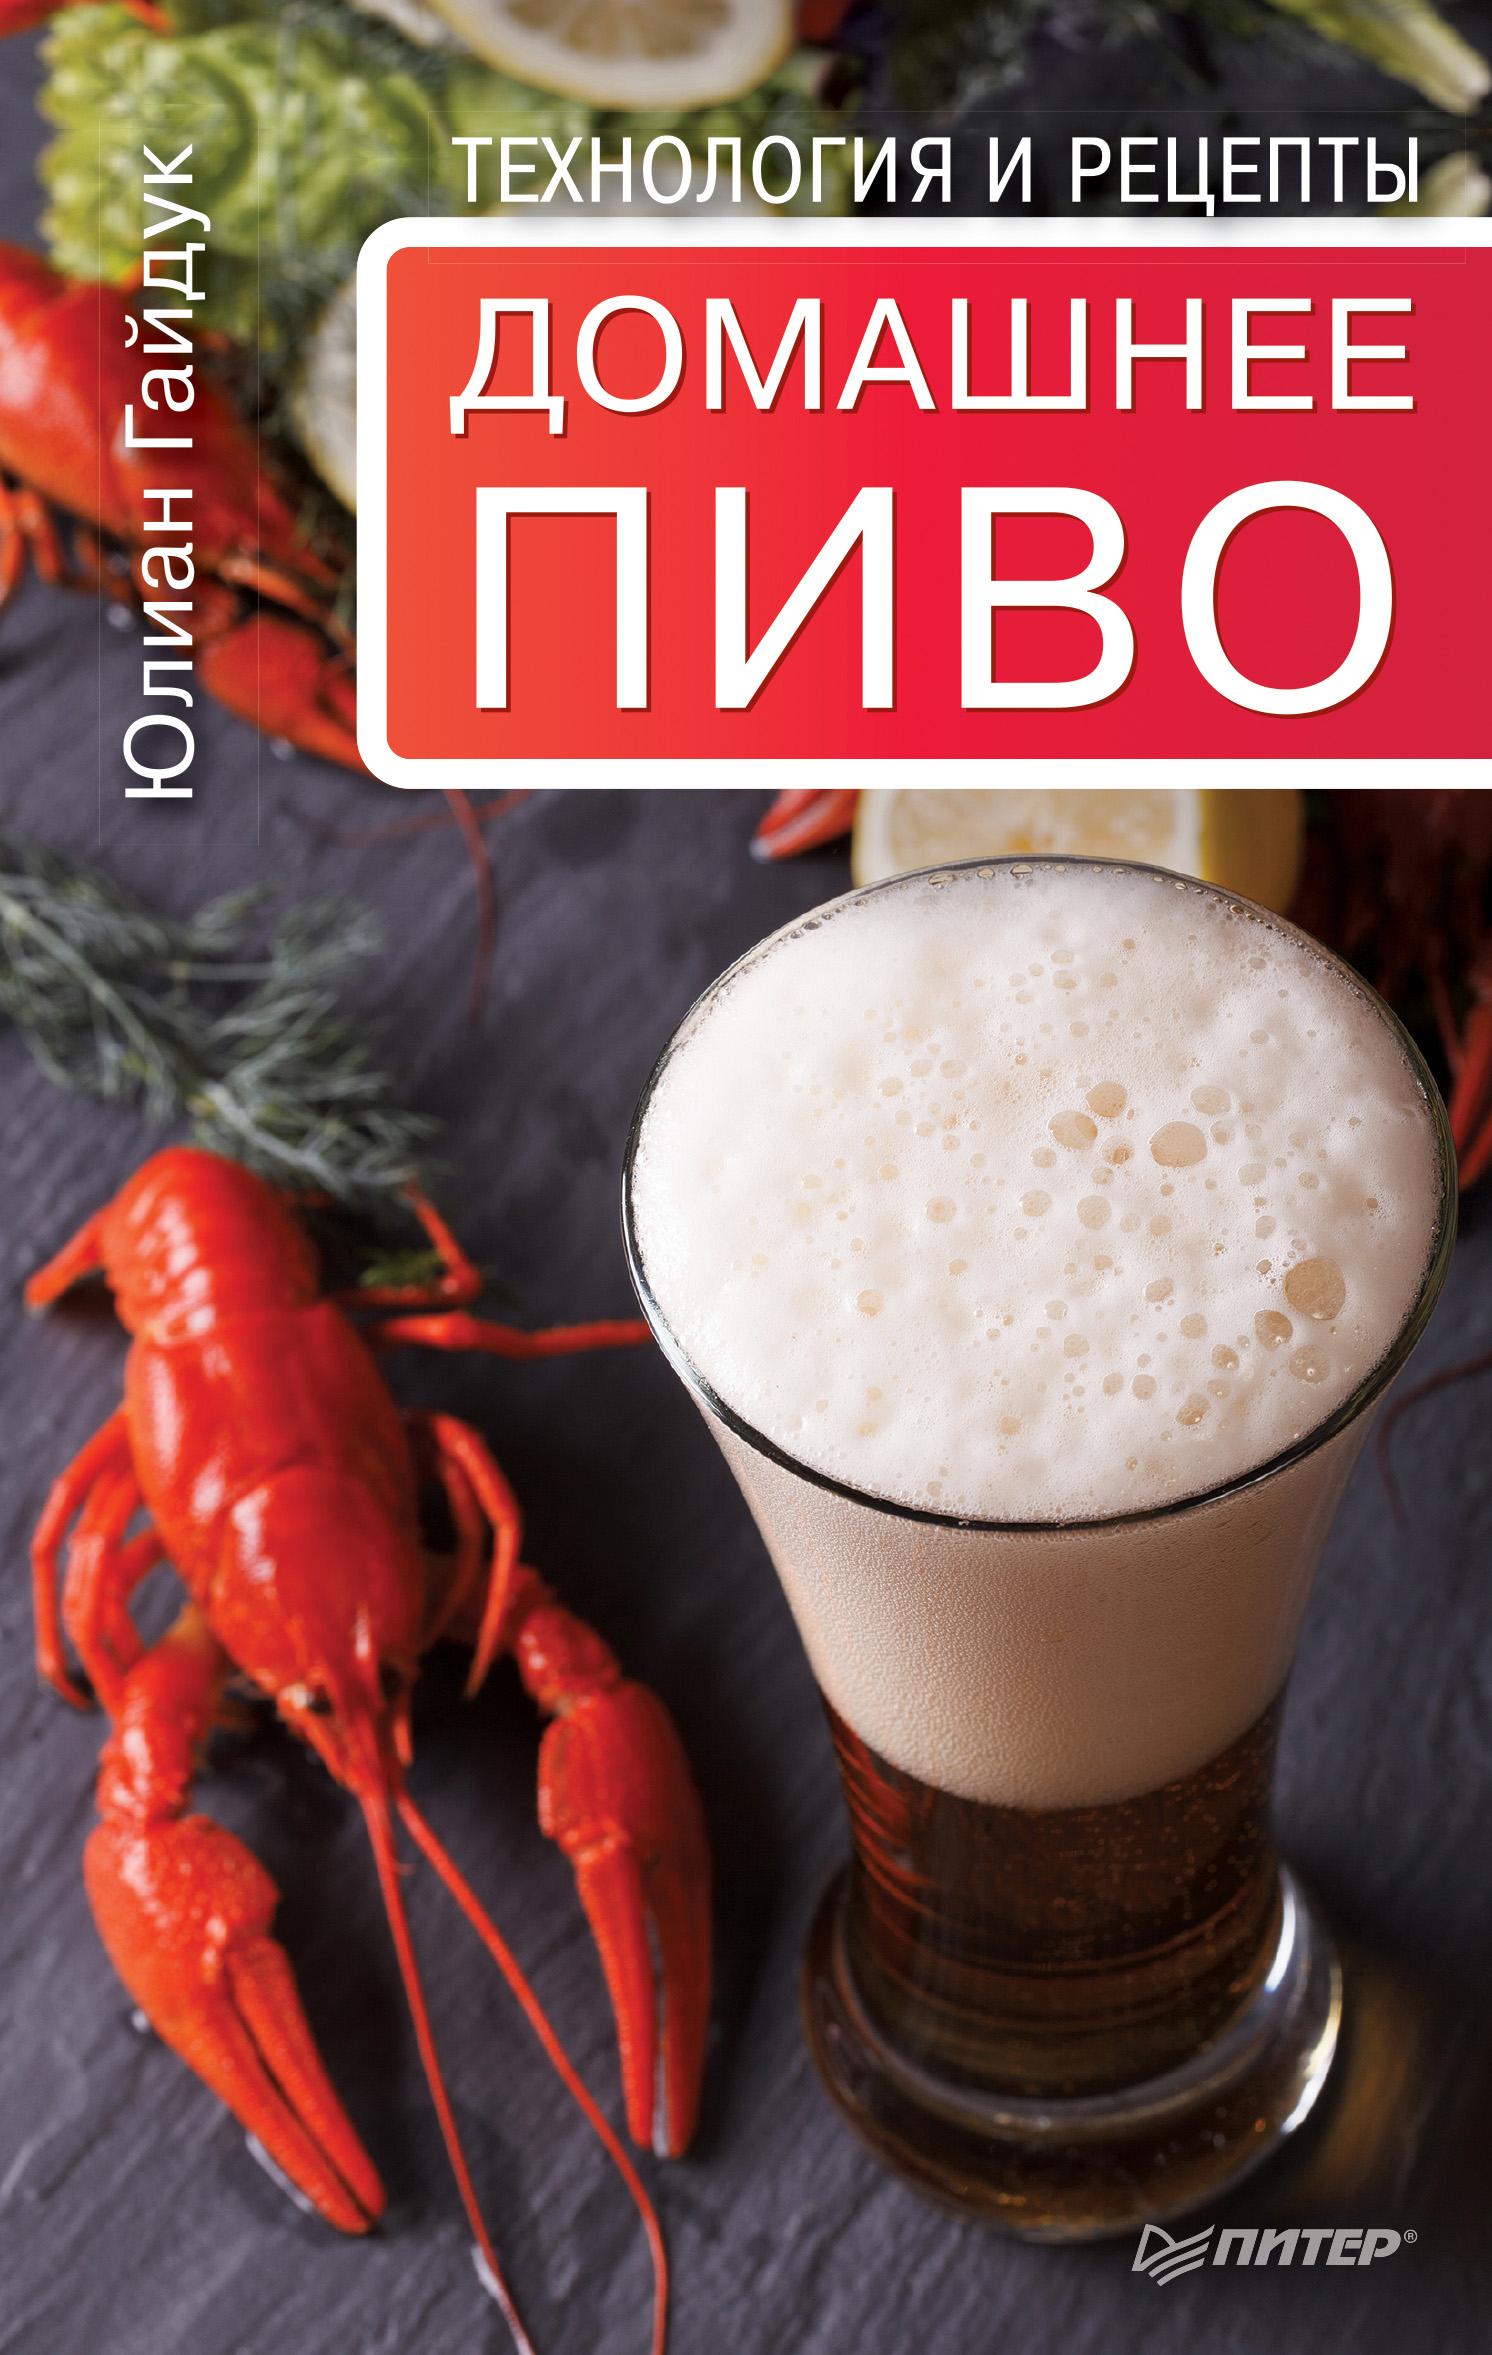 Юлиан Гайдук Домашнее пиво. Технология и рецепты гайдук ю домашнее пиво технология и рецепты